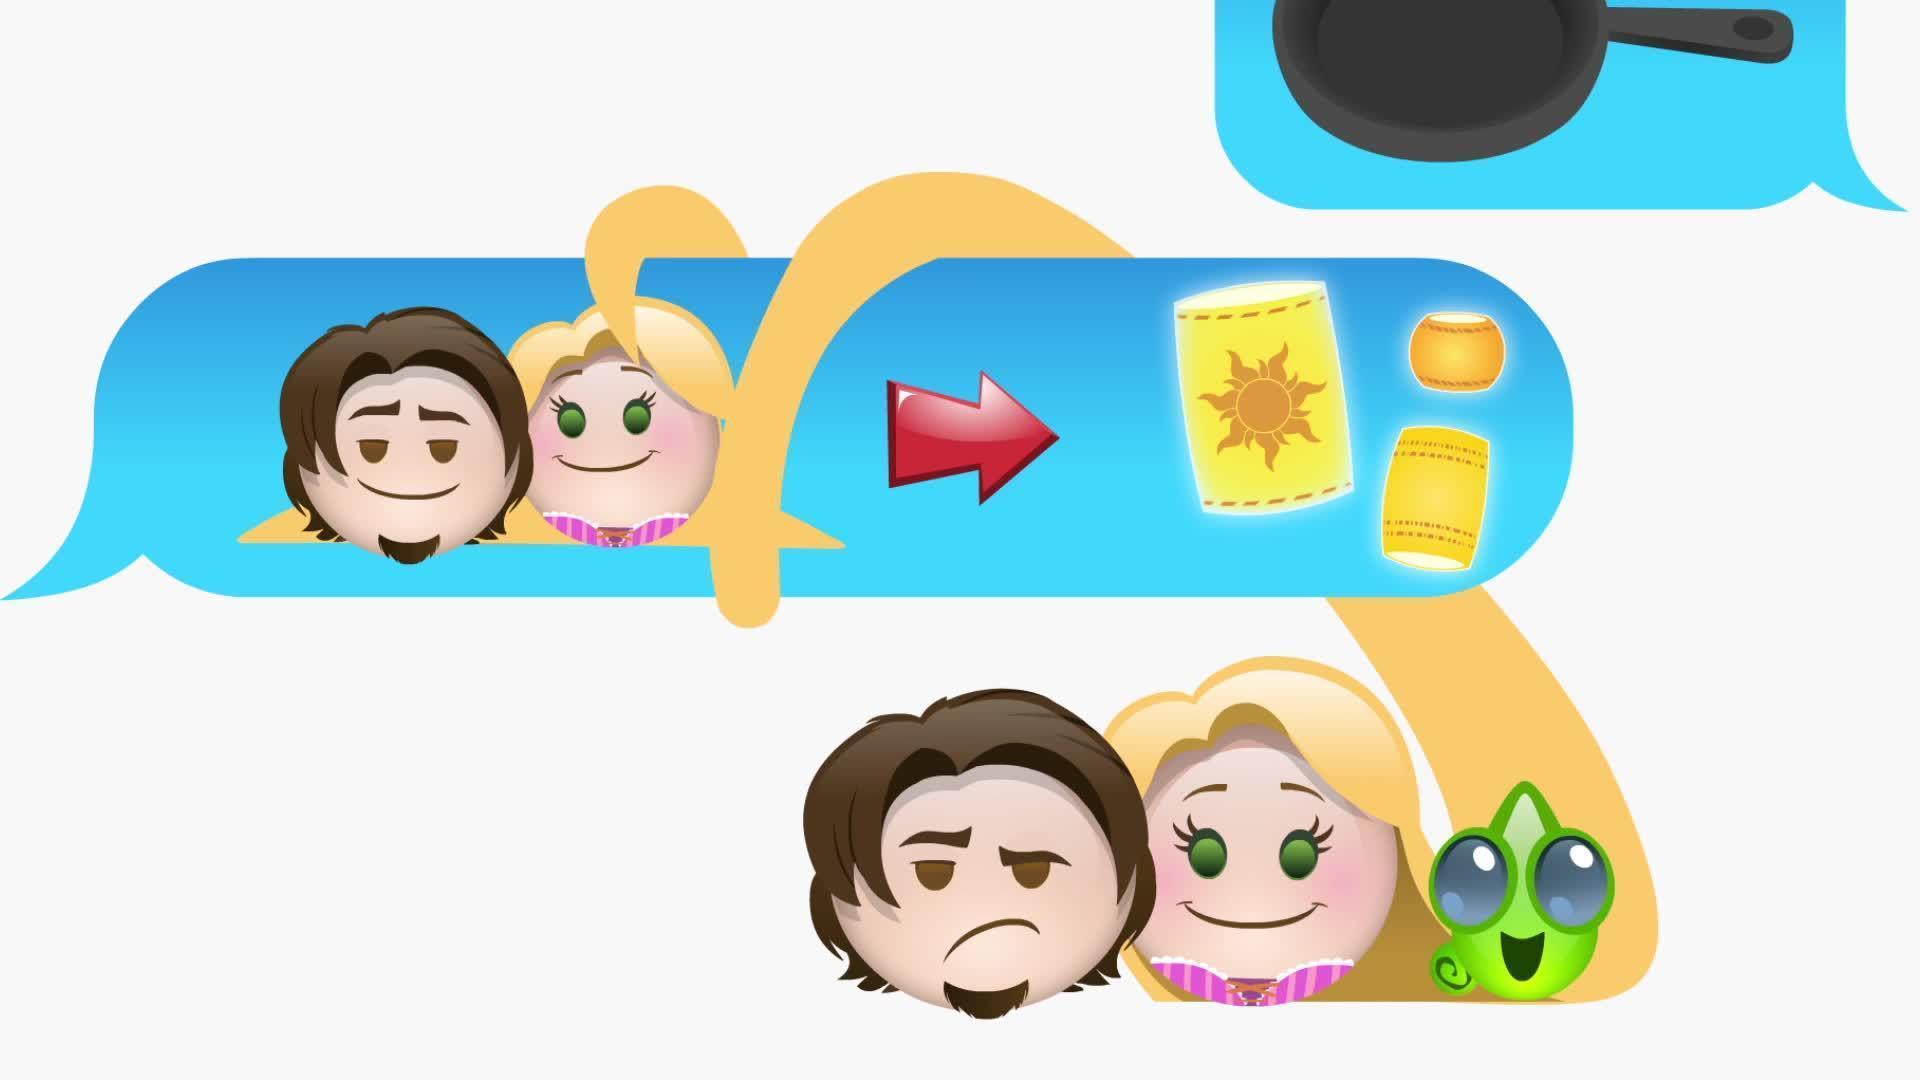 Zaplątani w wersji emoji